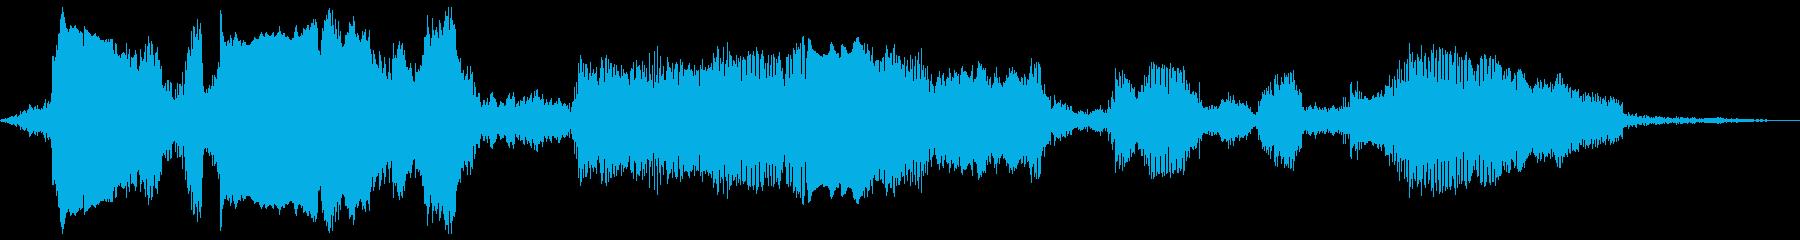 ミニモトクロスレースの再生済みの波形